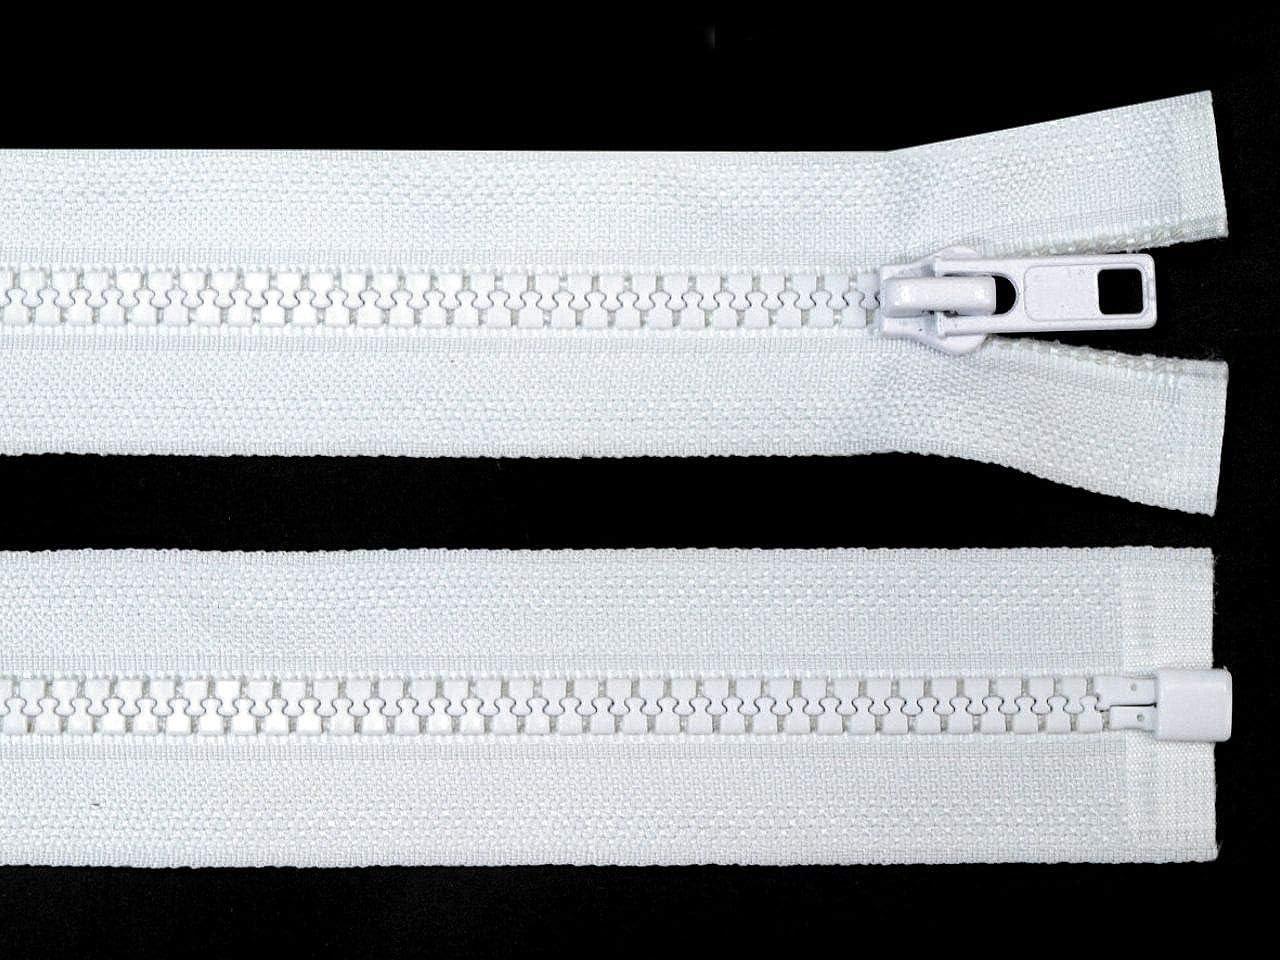 Accesorios de Costura 1pc 101 Blanco de Pl/ástico con Cremallera de 5 mm de extremo Abierto de 70 Cm de la Chaqueta art/ículos de Mercer/ía Bolsos de la Cremallera Cremalleras Vislon de Dos v/ías